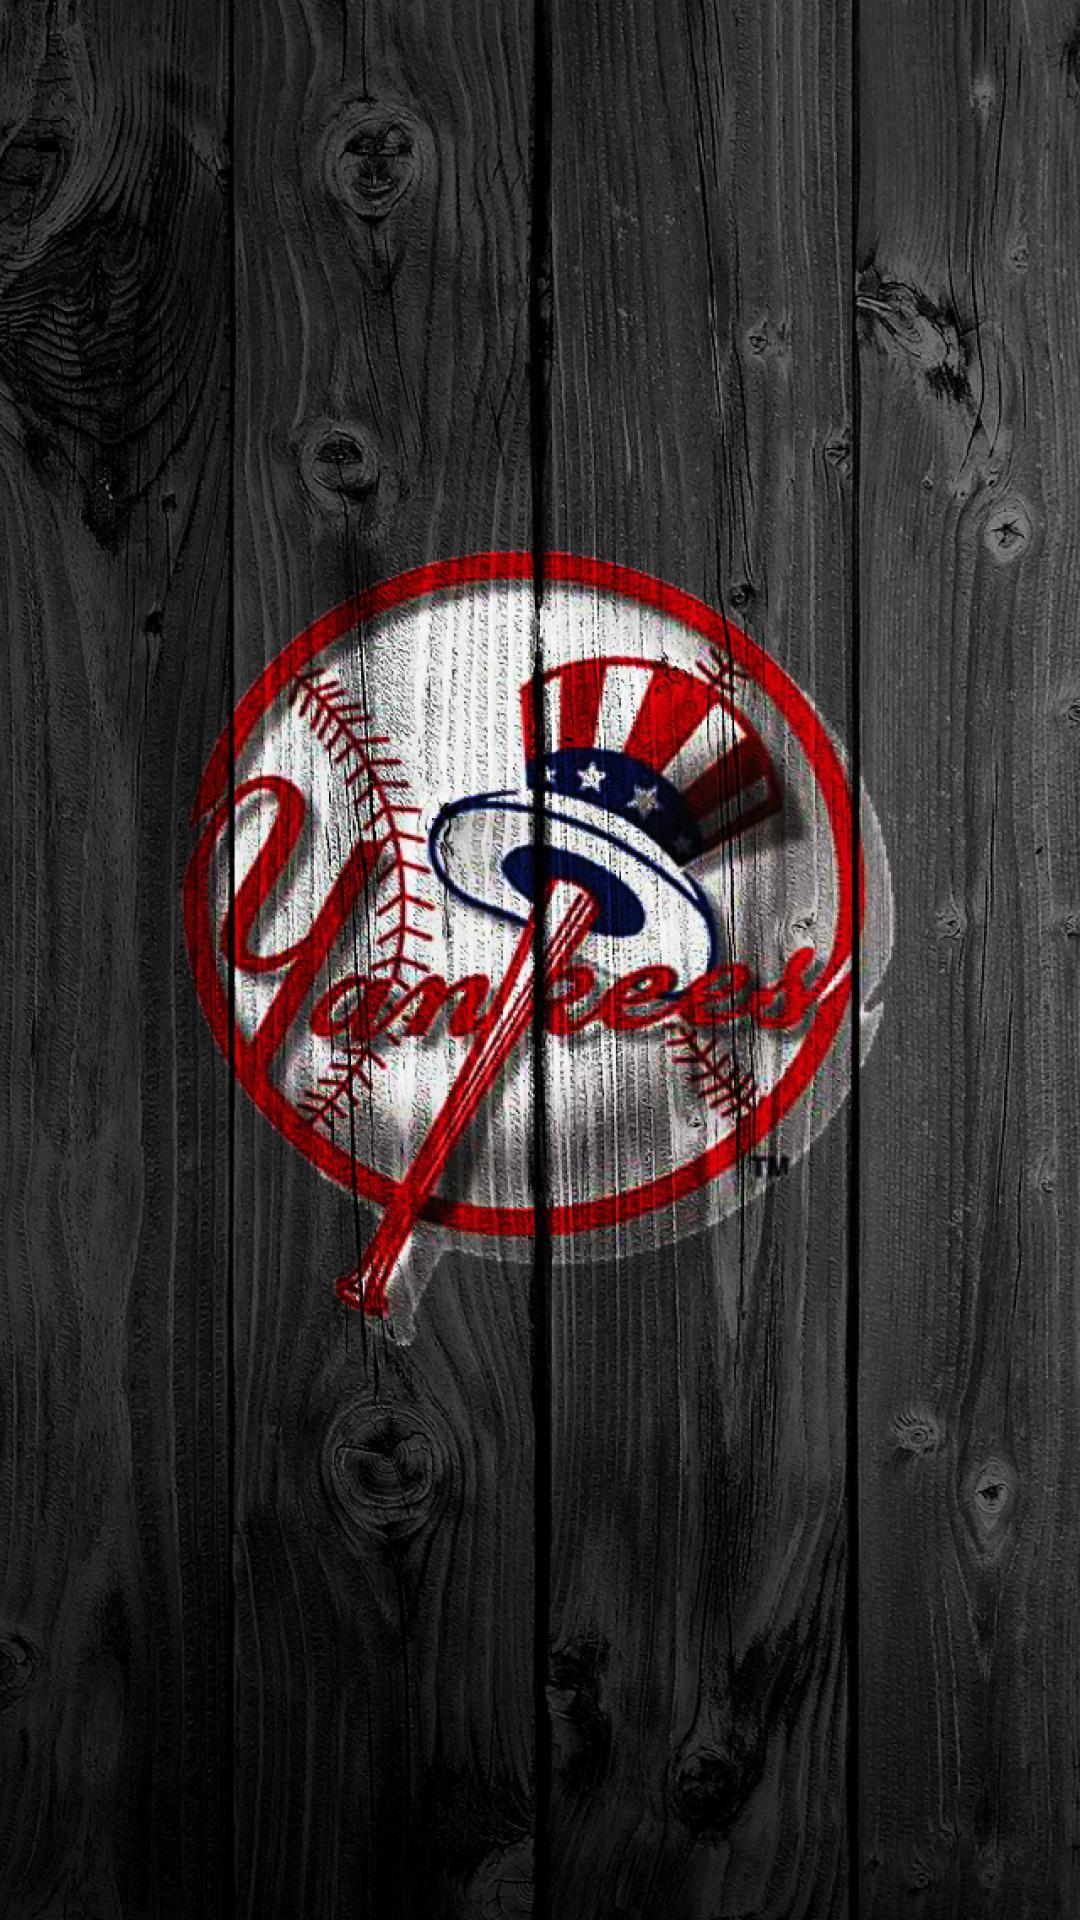 Ny Yankees Wallpaper 61 Images